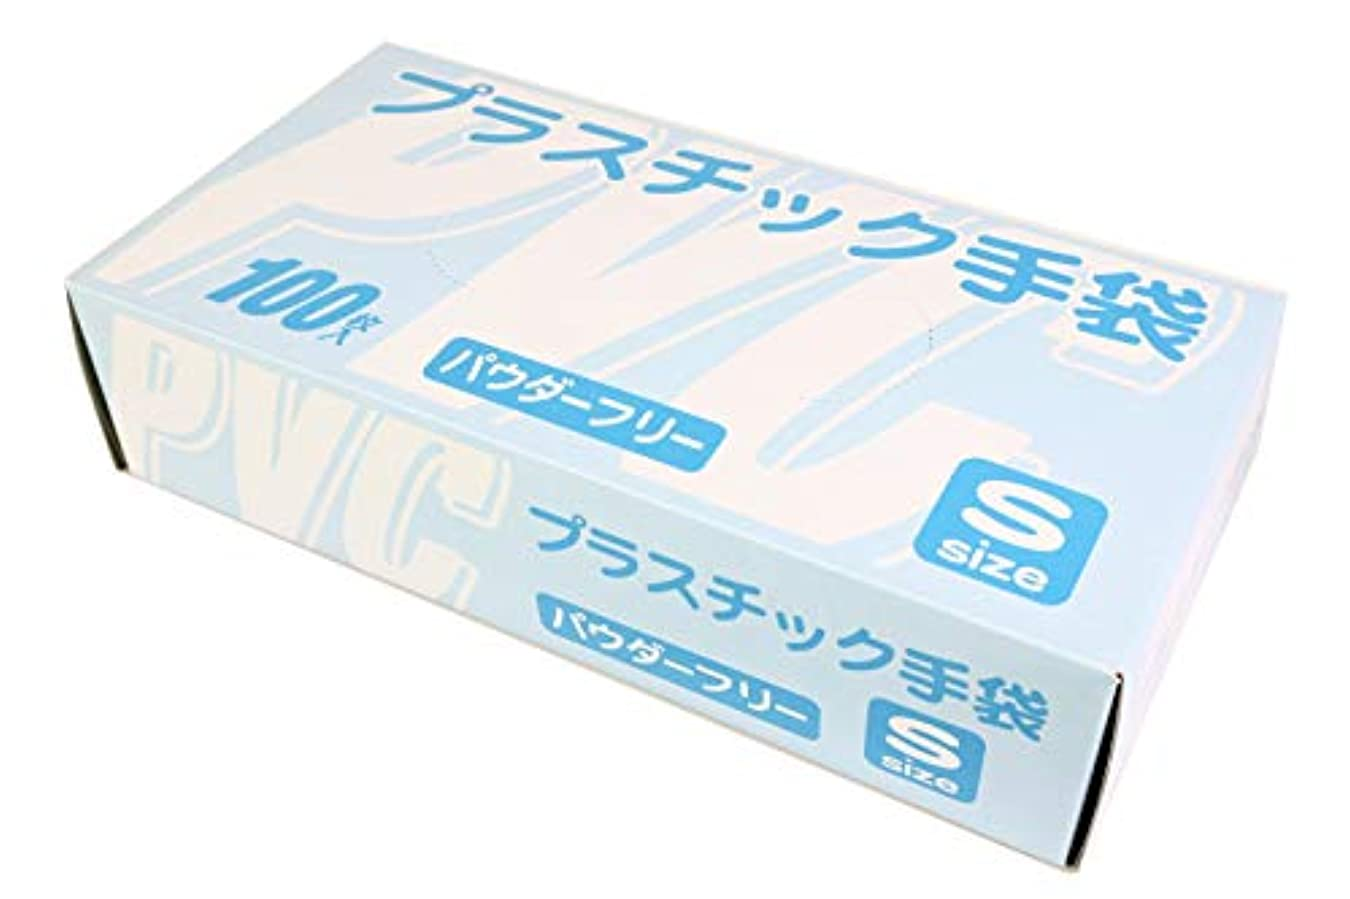 トロイの木馬活気づける遺棄された使い捨て手袋 プラスチック グローブ 粉なし Sサイズ 100枚入×20個セット まとめ買い